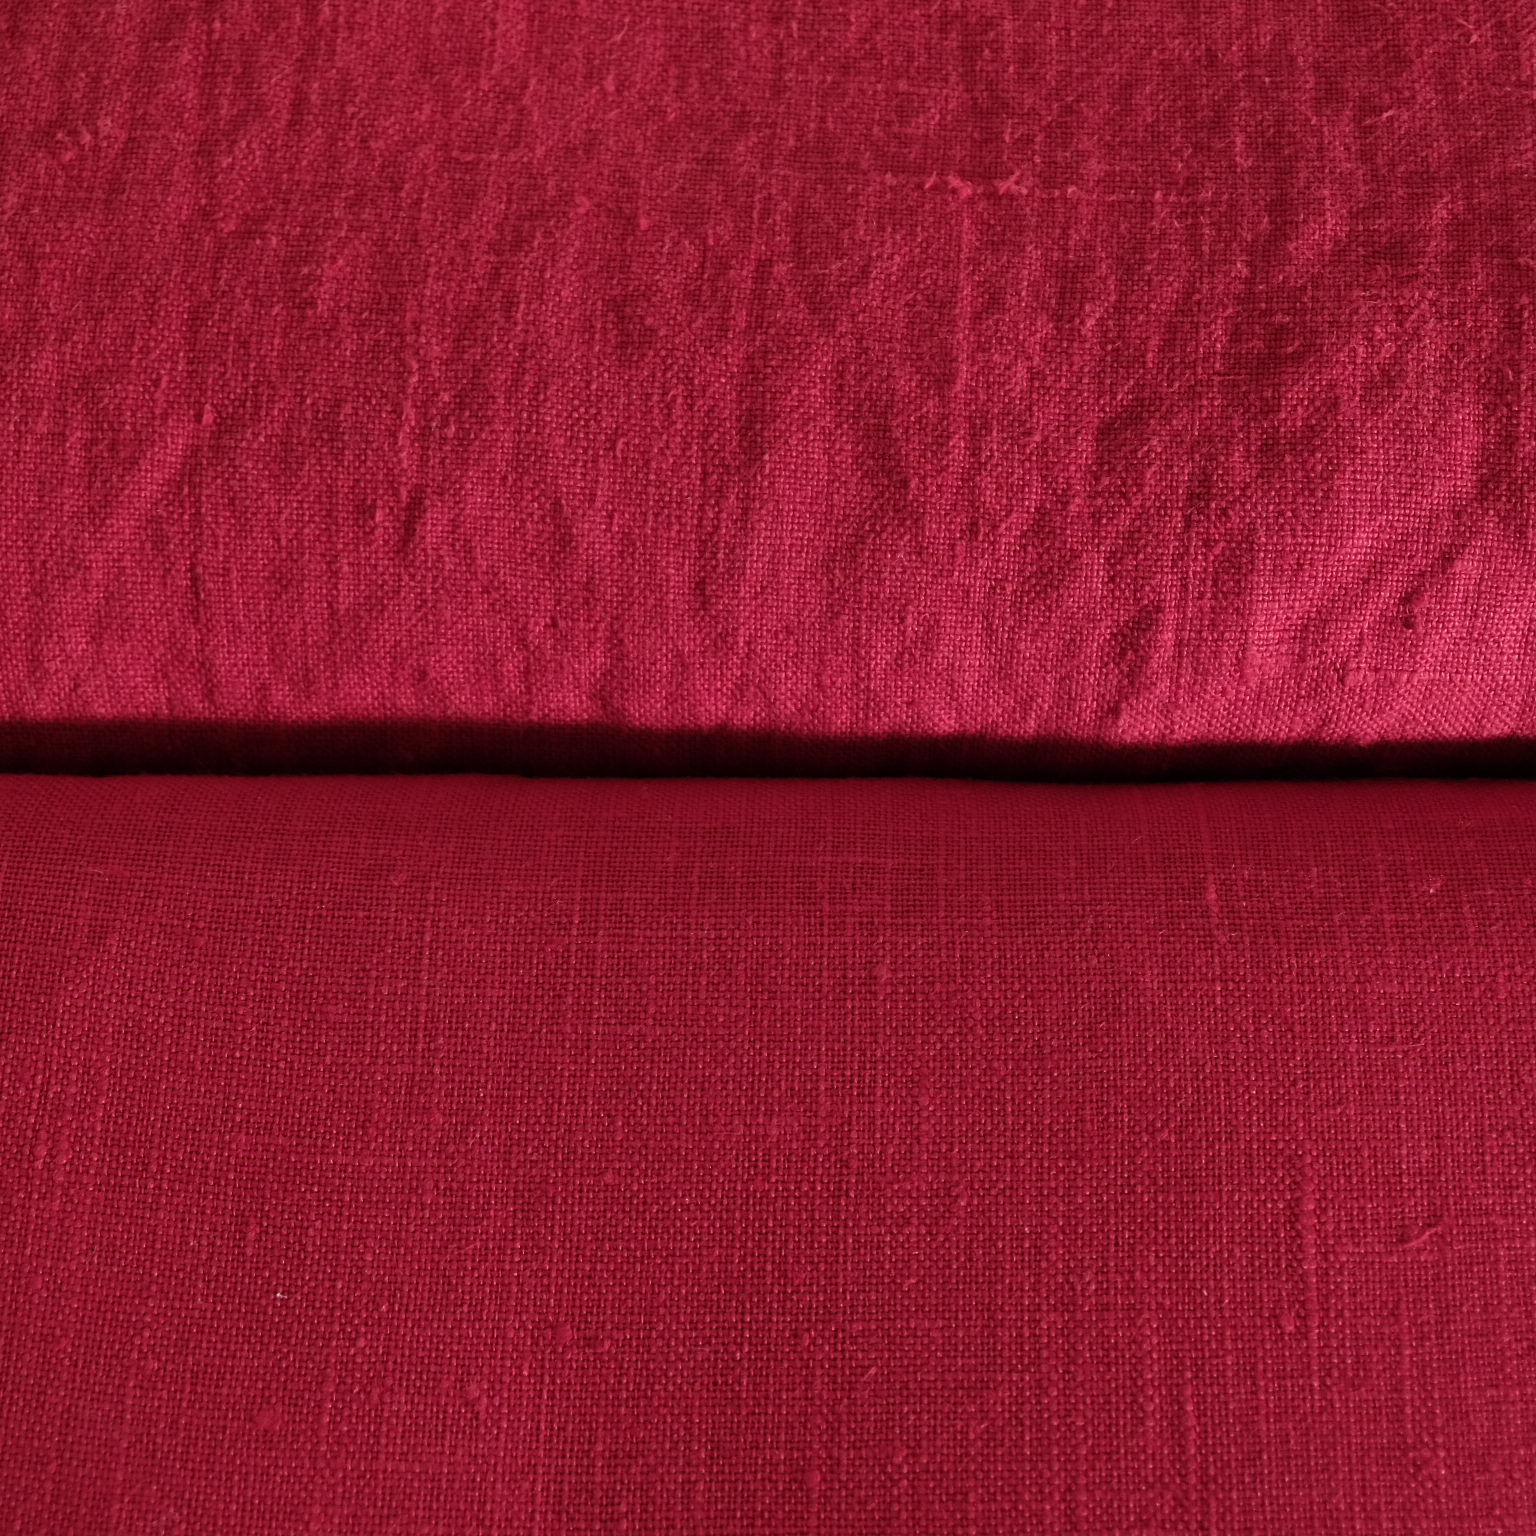 Сравнение ткани с умягчением (вверху) и без умягчения (внизу)